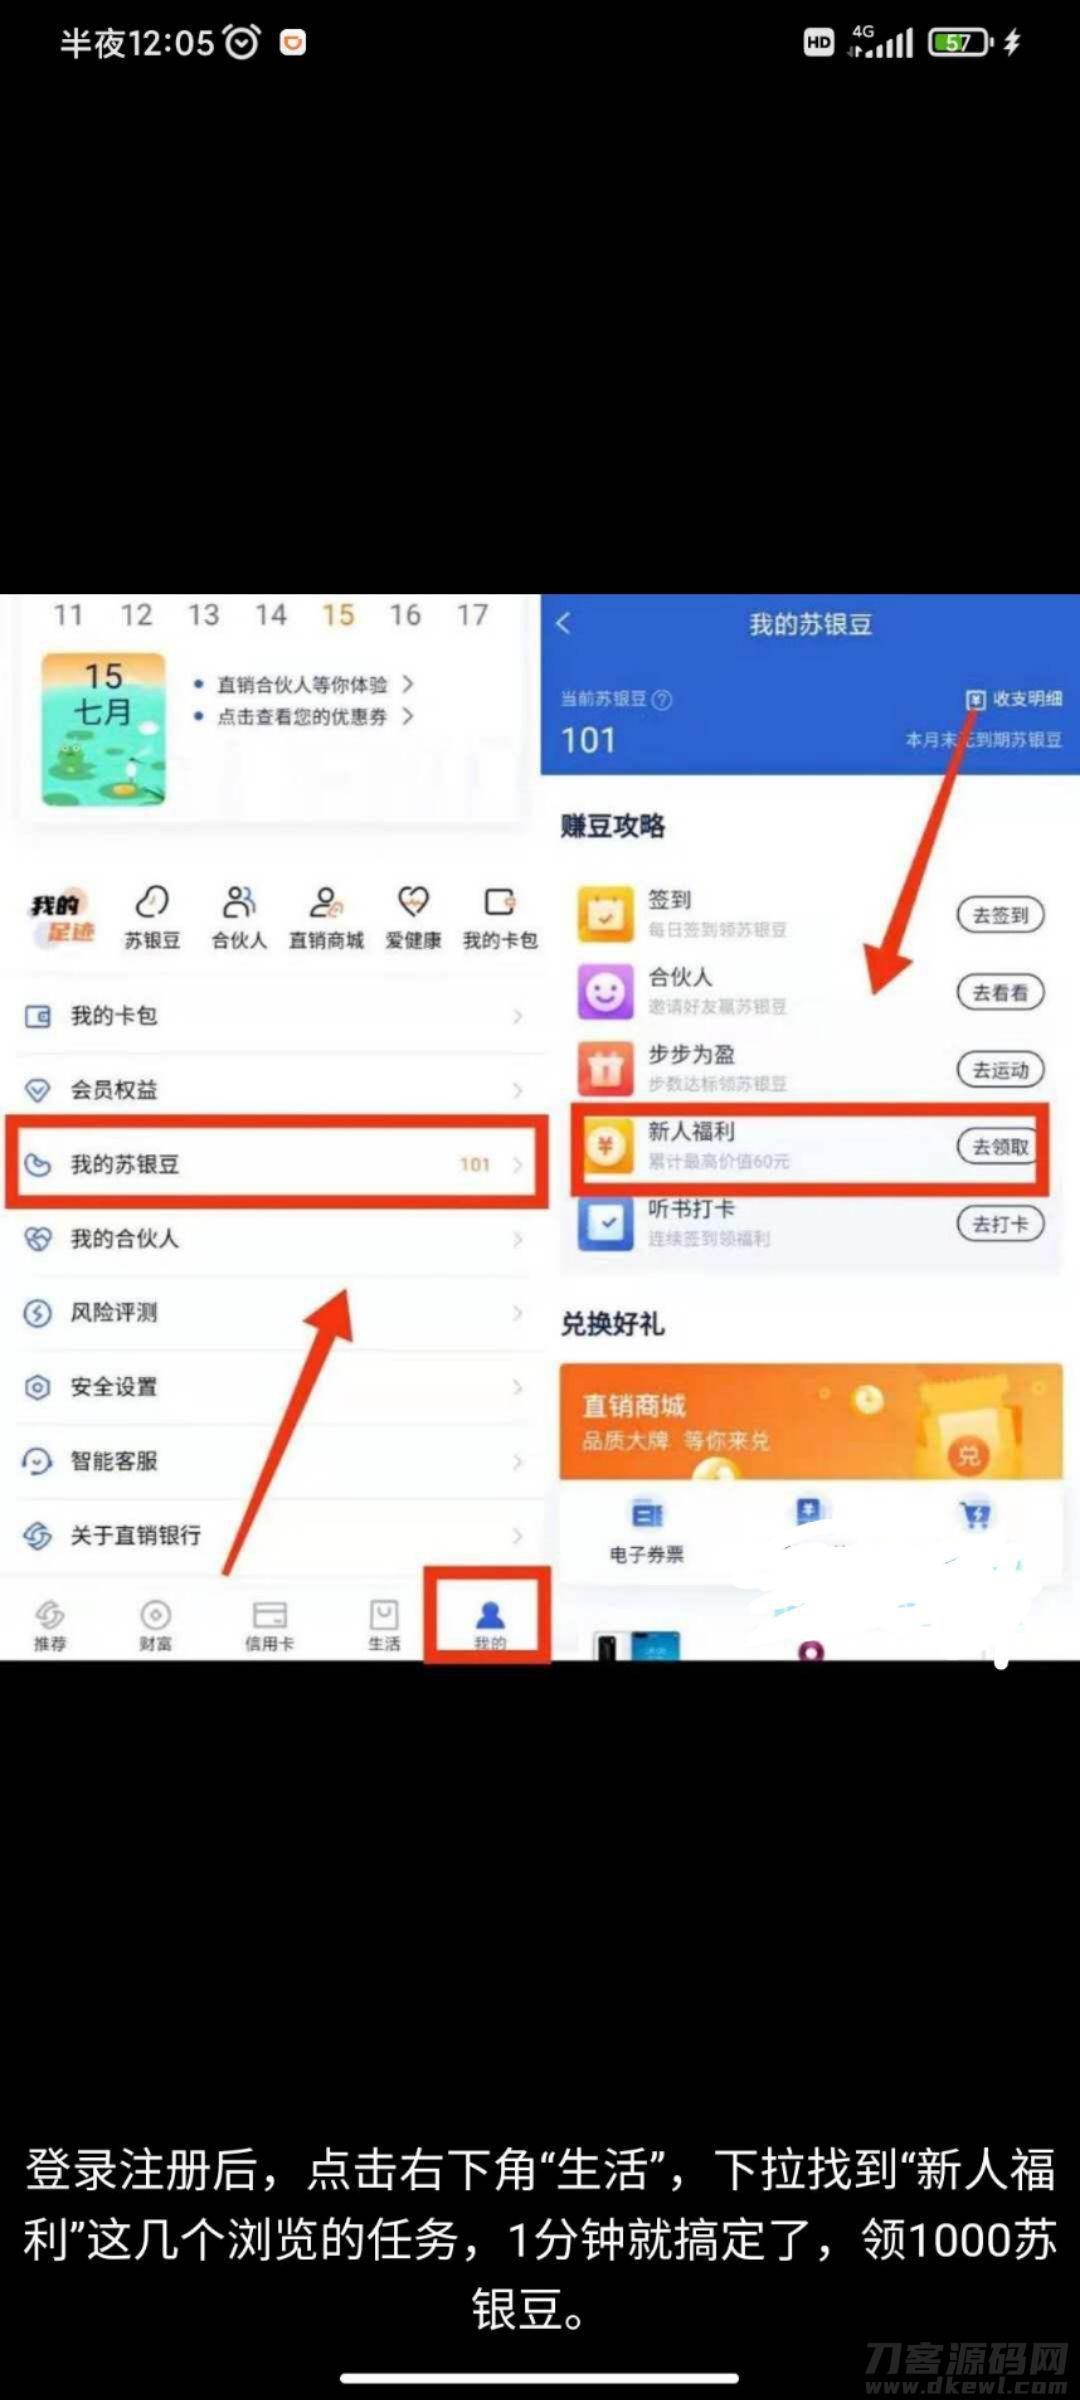 江苏省银行app插图